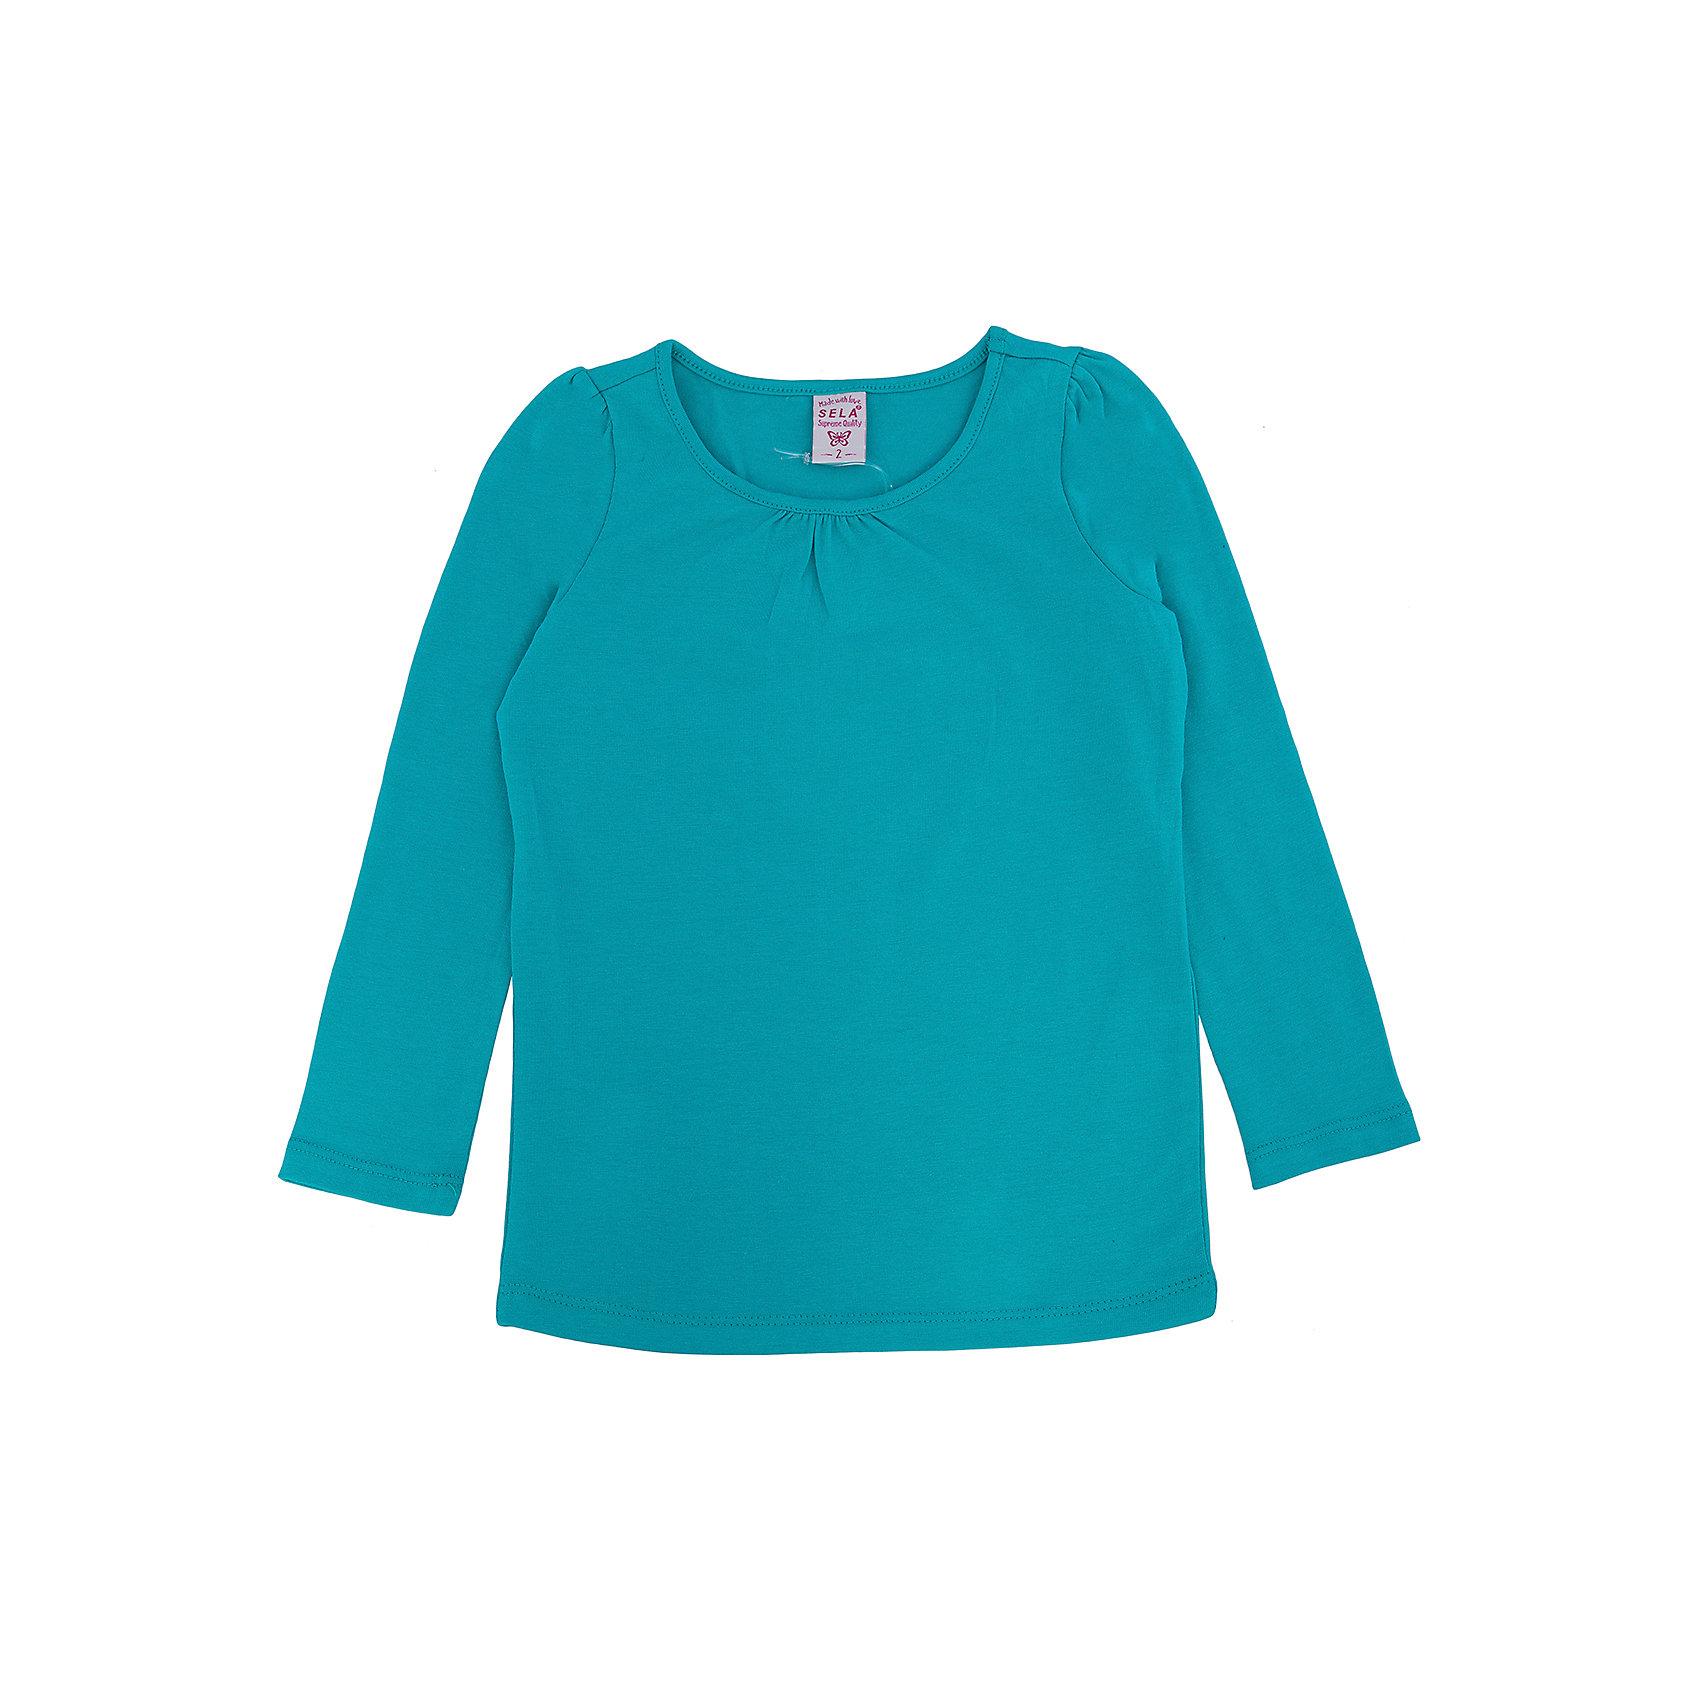 Футболка с длинным рукавом для девочки SELAФутболки с длинным рукавом<br>Джемпер для девочки из коллекции осень-зима 2016-2017 от известного бренда Sela(сэла).<br>Модель имеет прямой силуэт и длинные рукава. Отлично сочетается и с джинсами, и с юбкой.<br>Особенности:<br>-прямой силуэт<br>-длинные рукава<br>-нормальная длина<br>Состав: 5% эластан, 95% хлопок<br>Джемпер для девочек Sela(сэла) можно купить в нашем интернет-магазине.<br><br>Ширина мм: 190<br>Глубина мм: 74<br>Высота мм: 229<br>Вес г: 236<br>Цвет: зеленый<br>Возраст от месяцев: 24<br>Возраст до месяцев: 36<br>Пол: Женский<br>Возраст: Детский<br>Размер: 98,116,92,104,110<br>SKU: 4883759